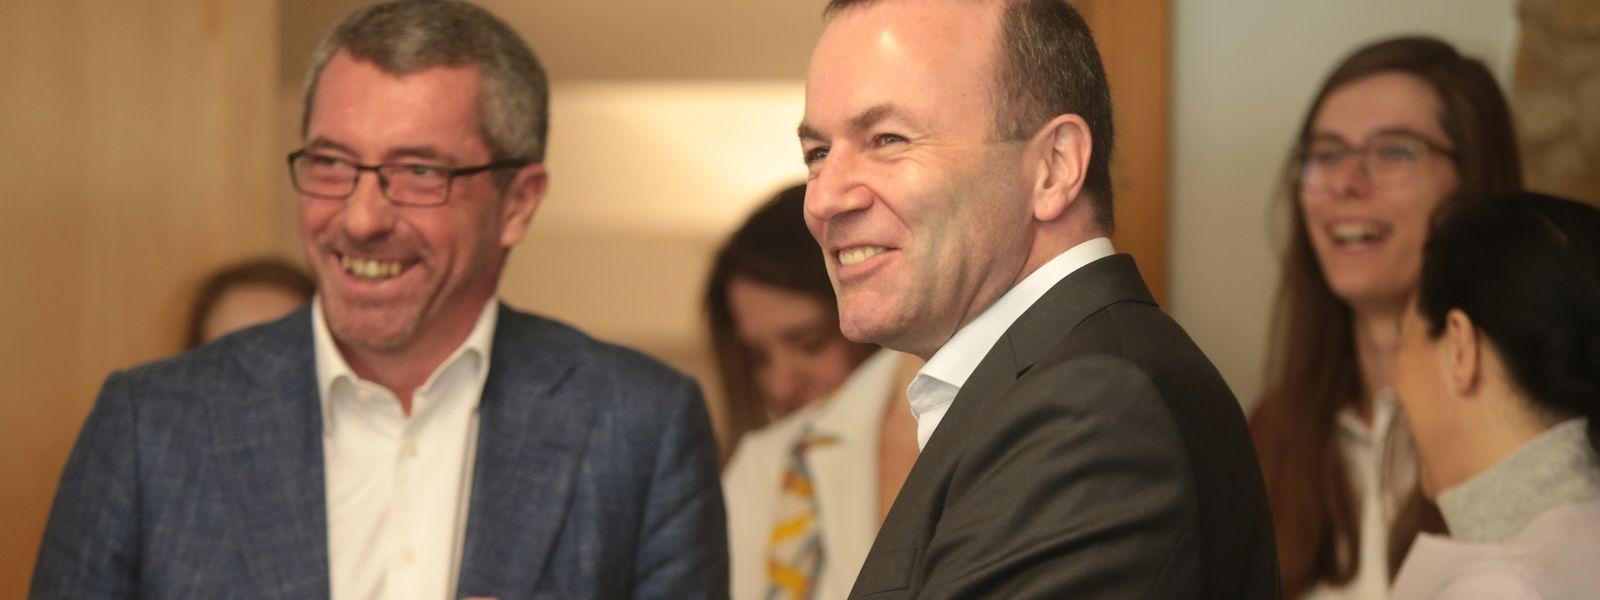 Orientierungslos in die Zukunft: CSV-Chef Frank Engel und EVP-Spitzenkandidat Manfred Weber.